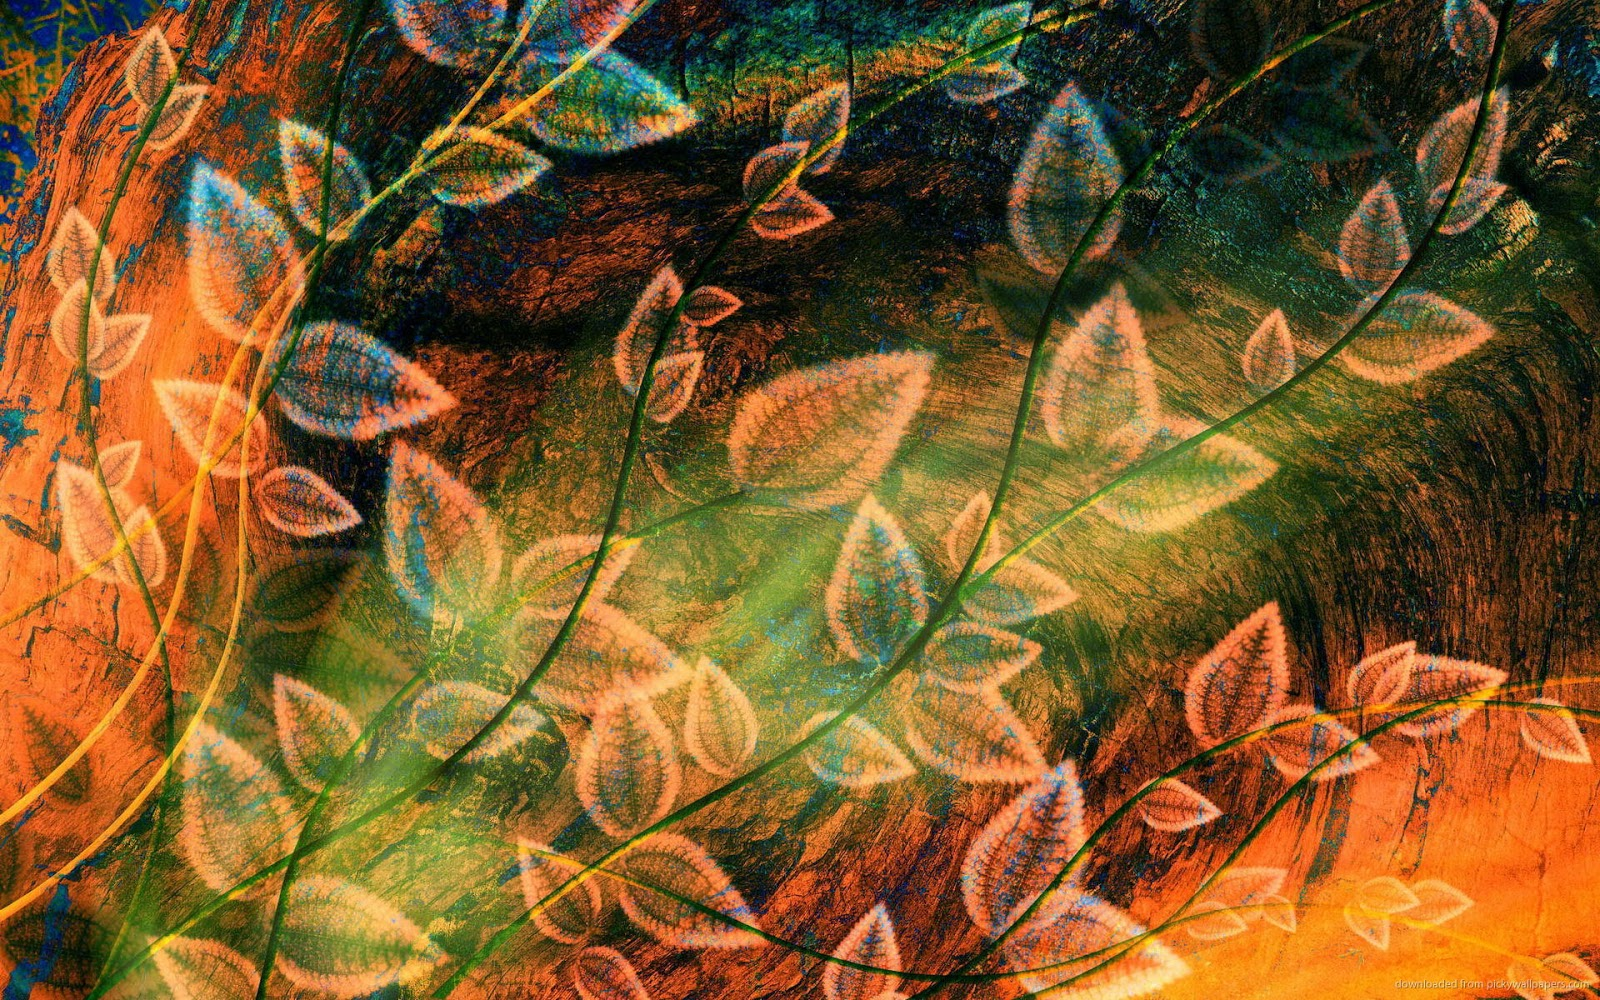 http://2.bp.blogspot.com/-e2djhHIeLQM/T3smC__kMnI/AAAAAAAAGJs/nGb6hsZRK90/s1600/art-leafs.jpg